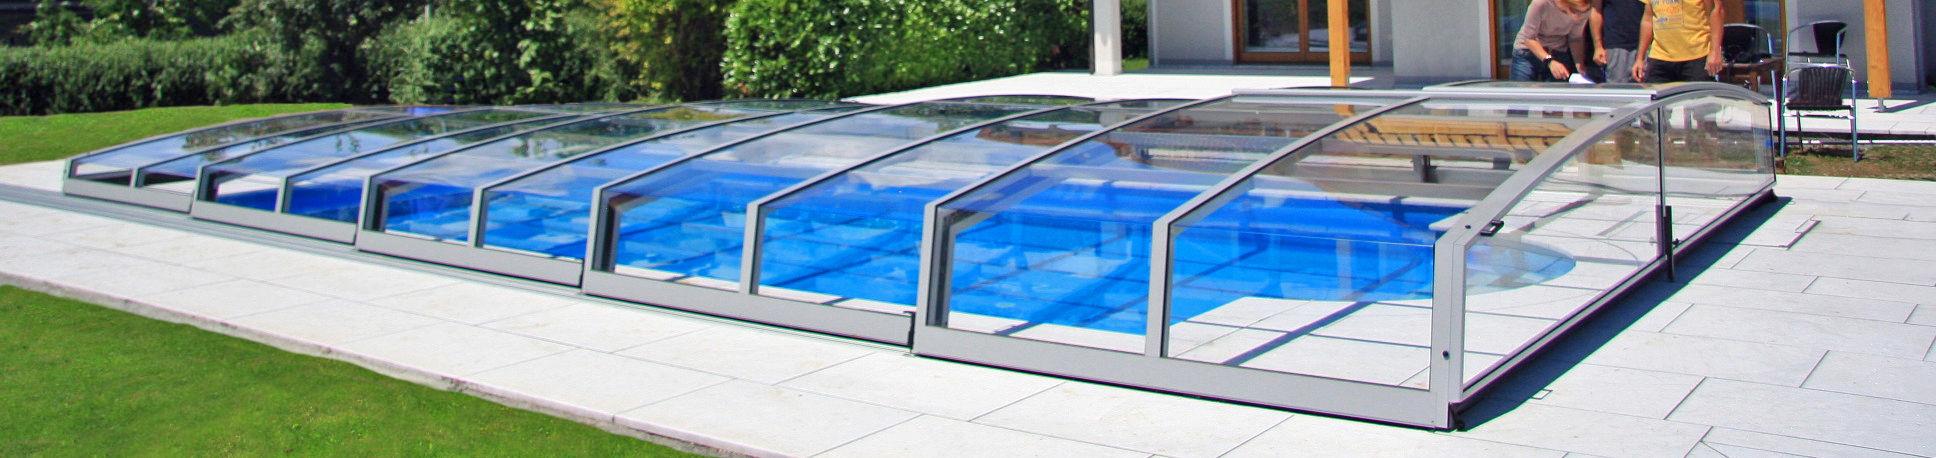 abri piscine gladiator abrit de piscine pyla b xcm abri tlescopique semihaut